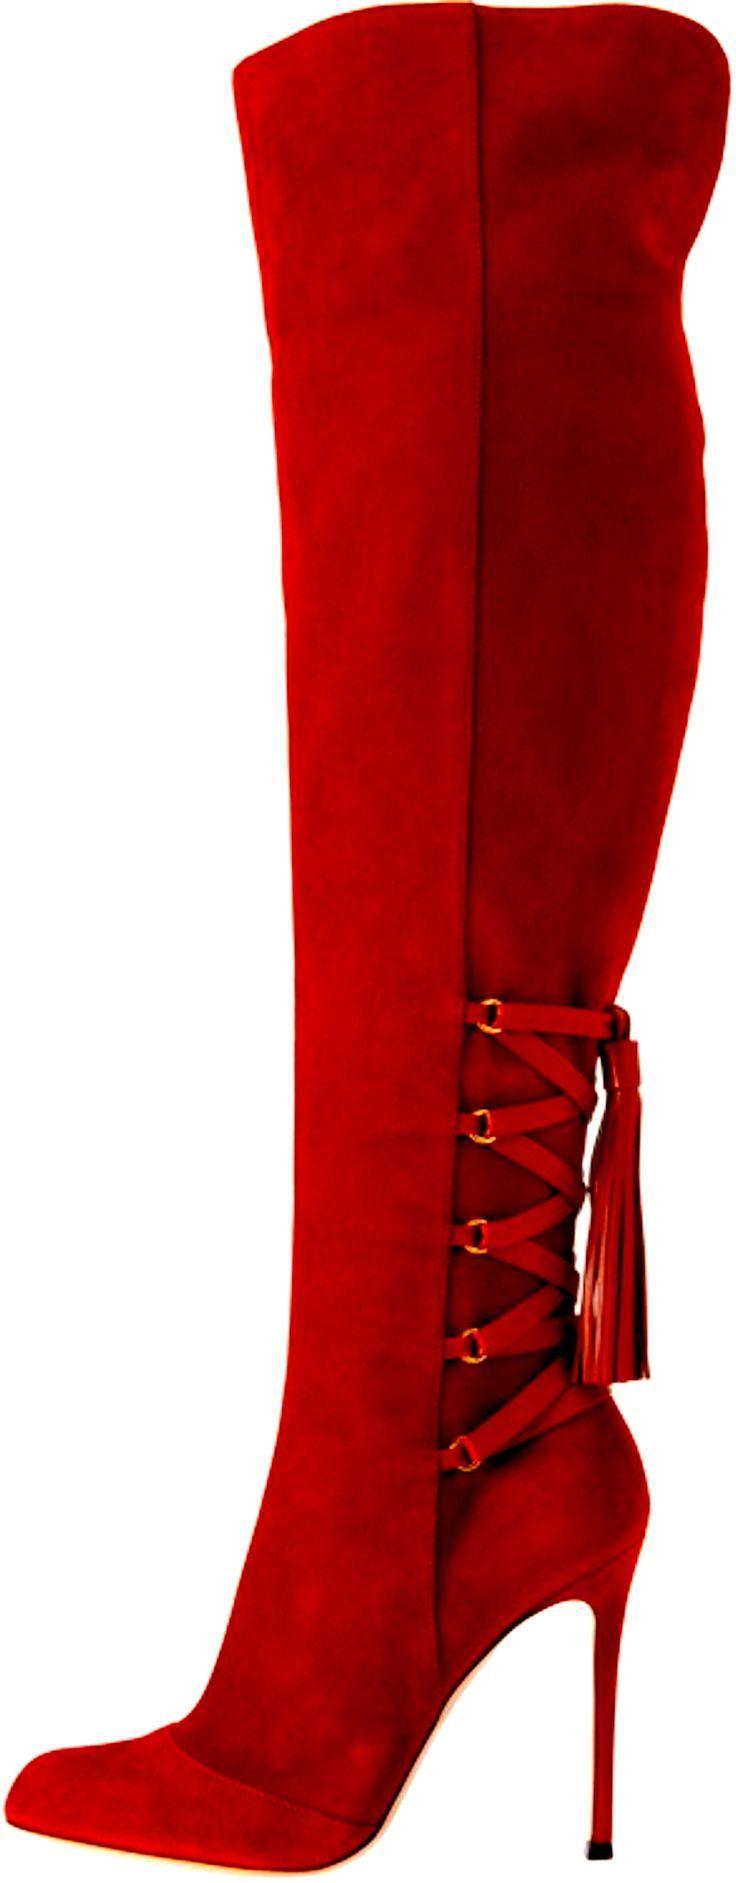 Аксессуары красного цвета — стильное дополнение образа - Ярмарка Мастеров - ручная работа, handmade